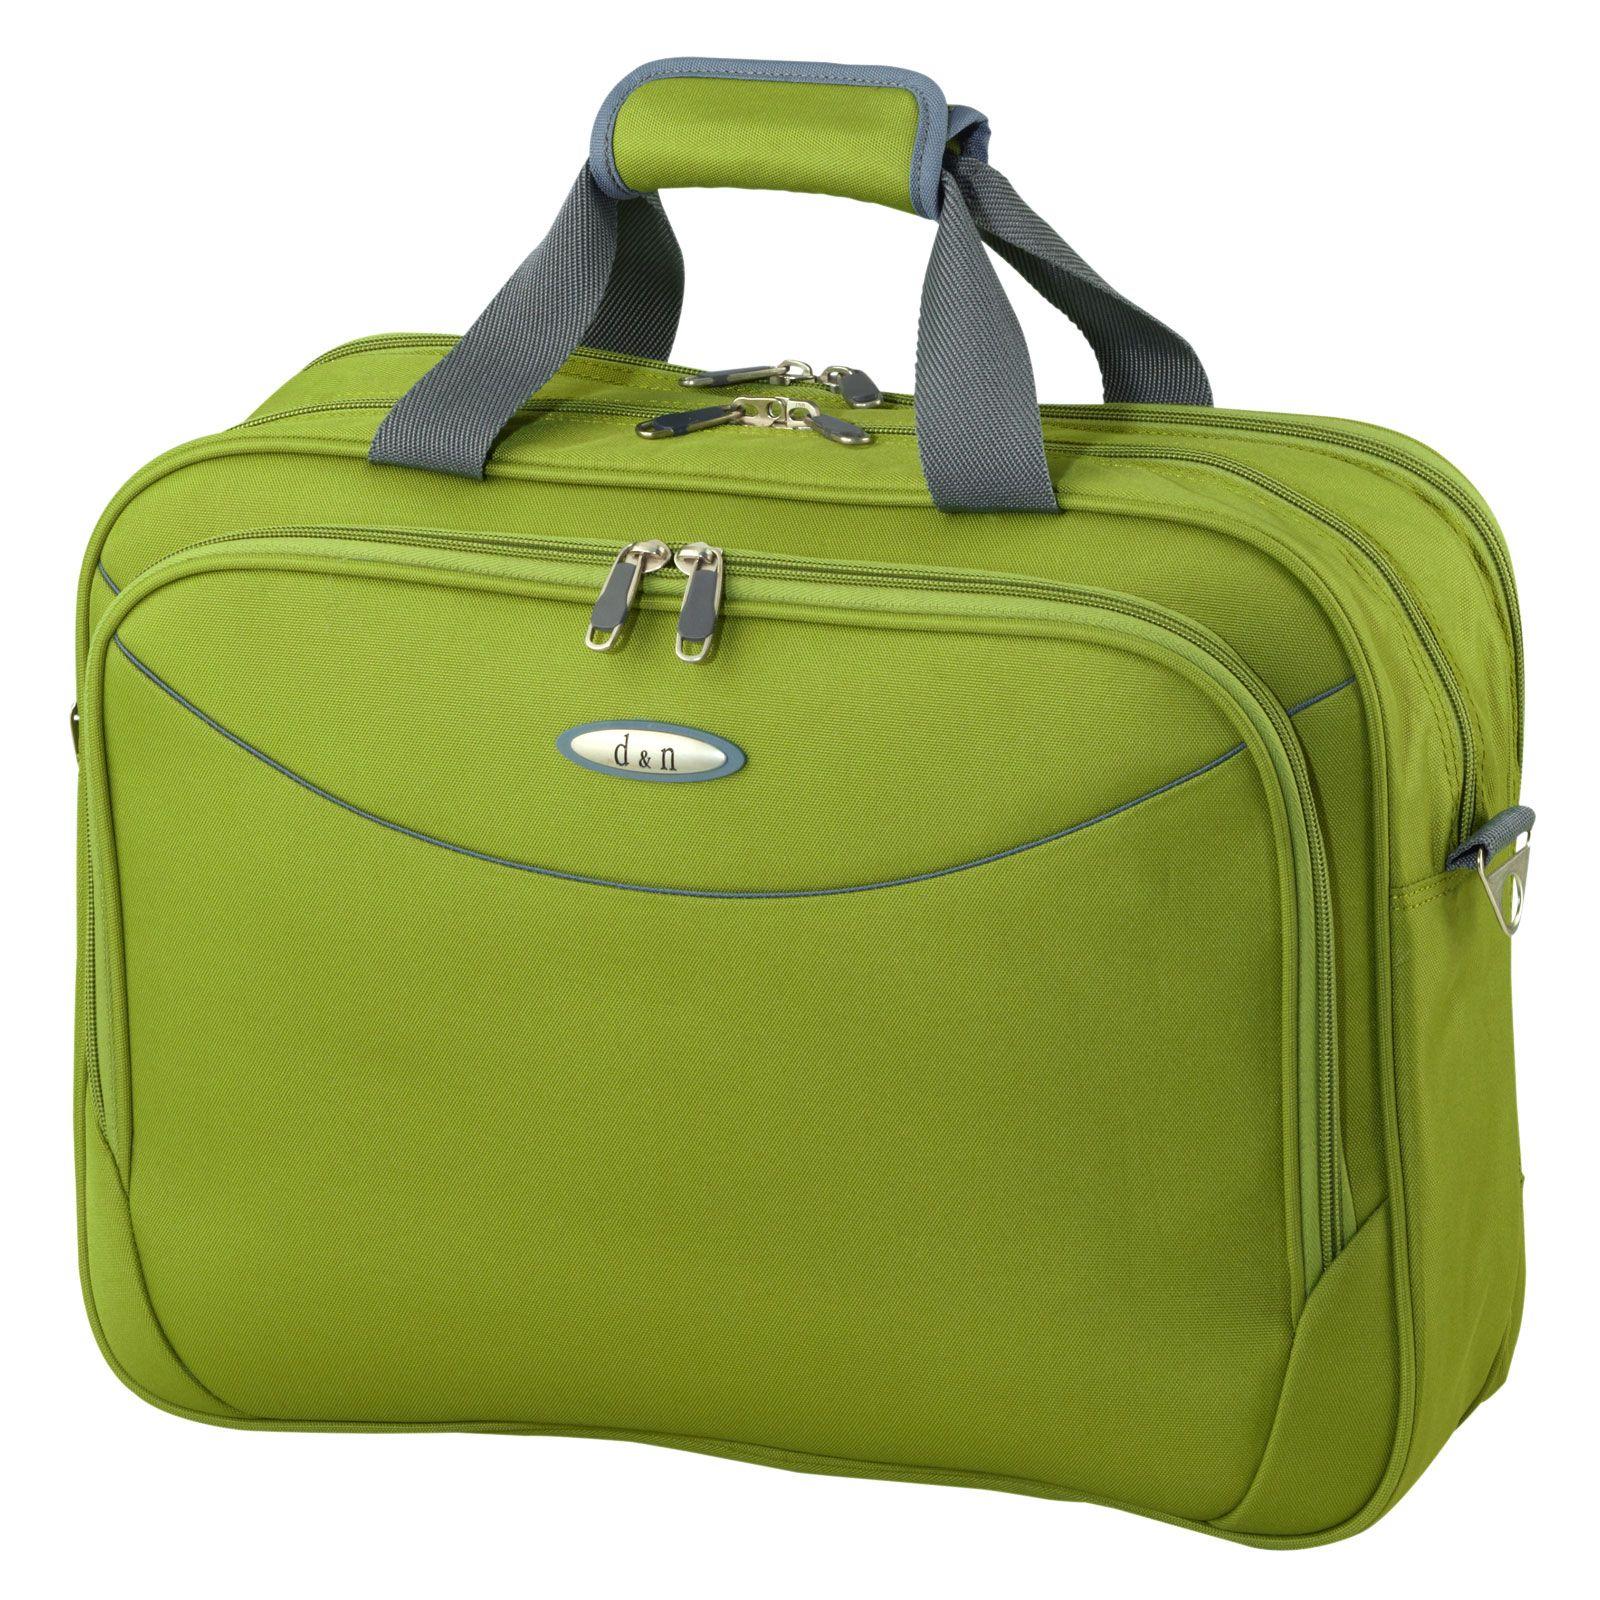 #Bordtasche d&n Travel Line 7404 bei Koffermarkt: ✓Polyester ✓auf Trolley aufsteckbar ✓Farbe: grün ⇒Jetzt kaufen